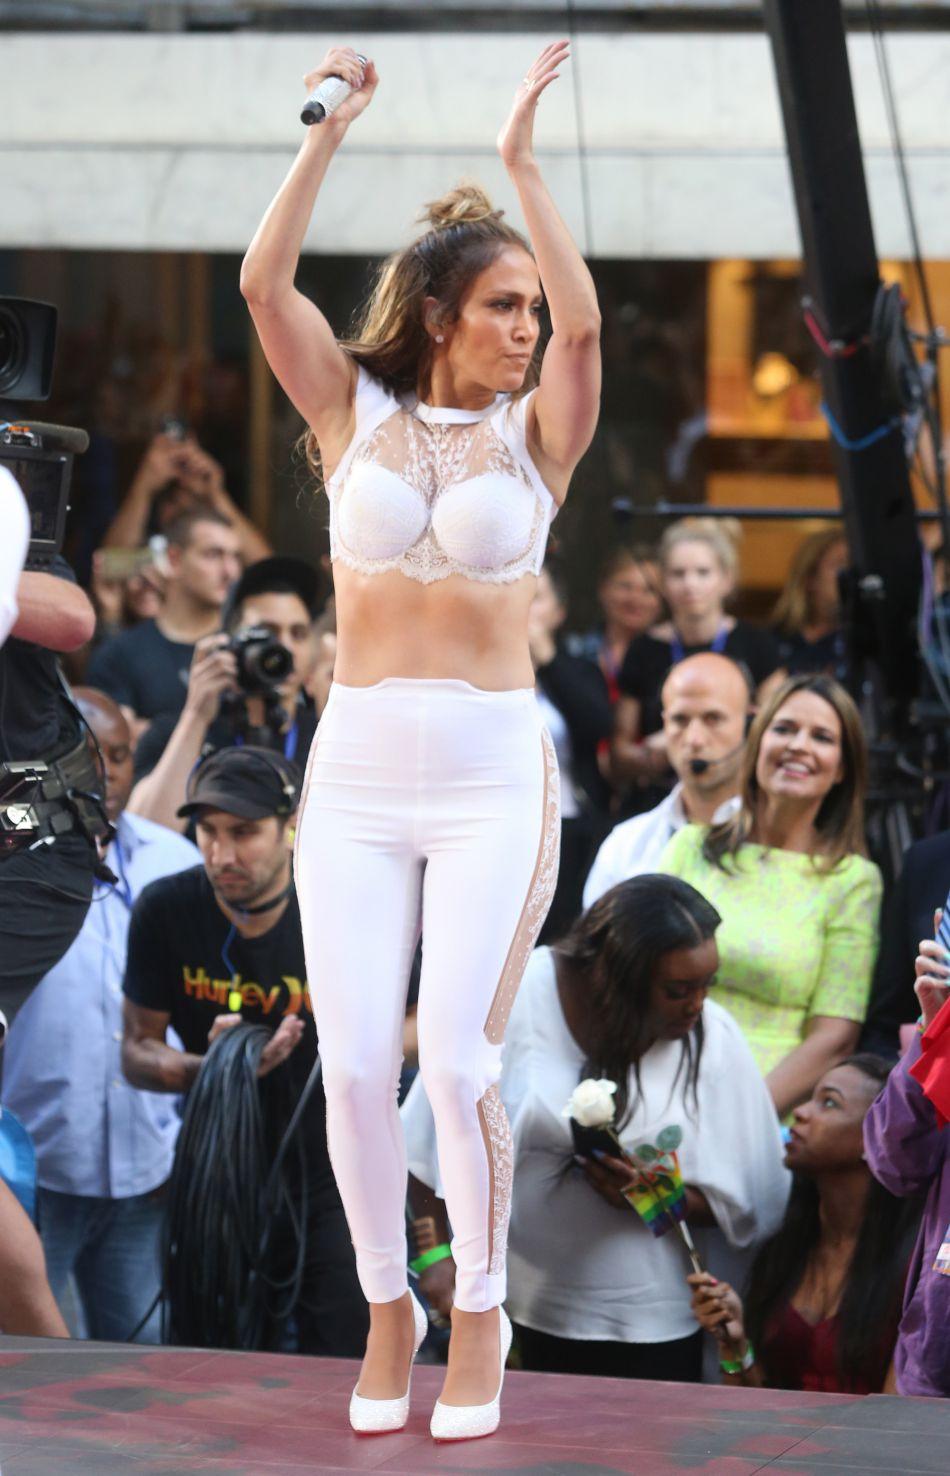 La chanteuse assure aussi une série de concerts en résidence à Las Vegas jusqu'en 2017.